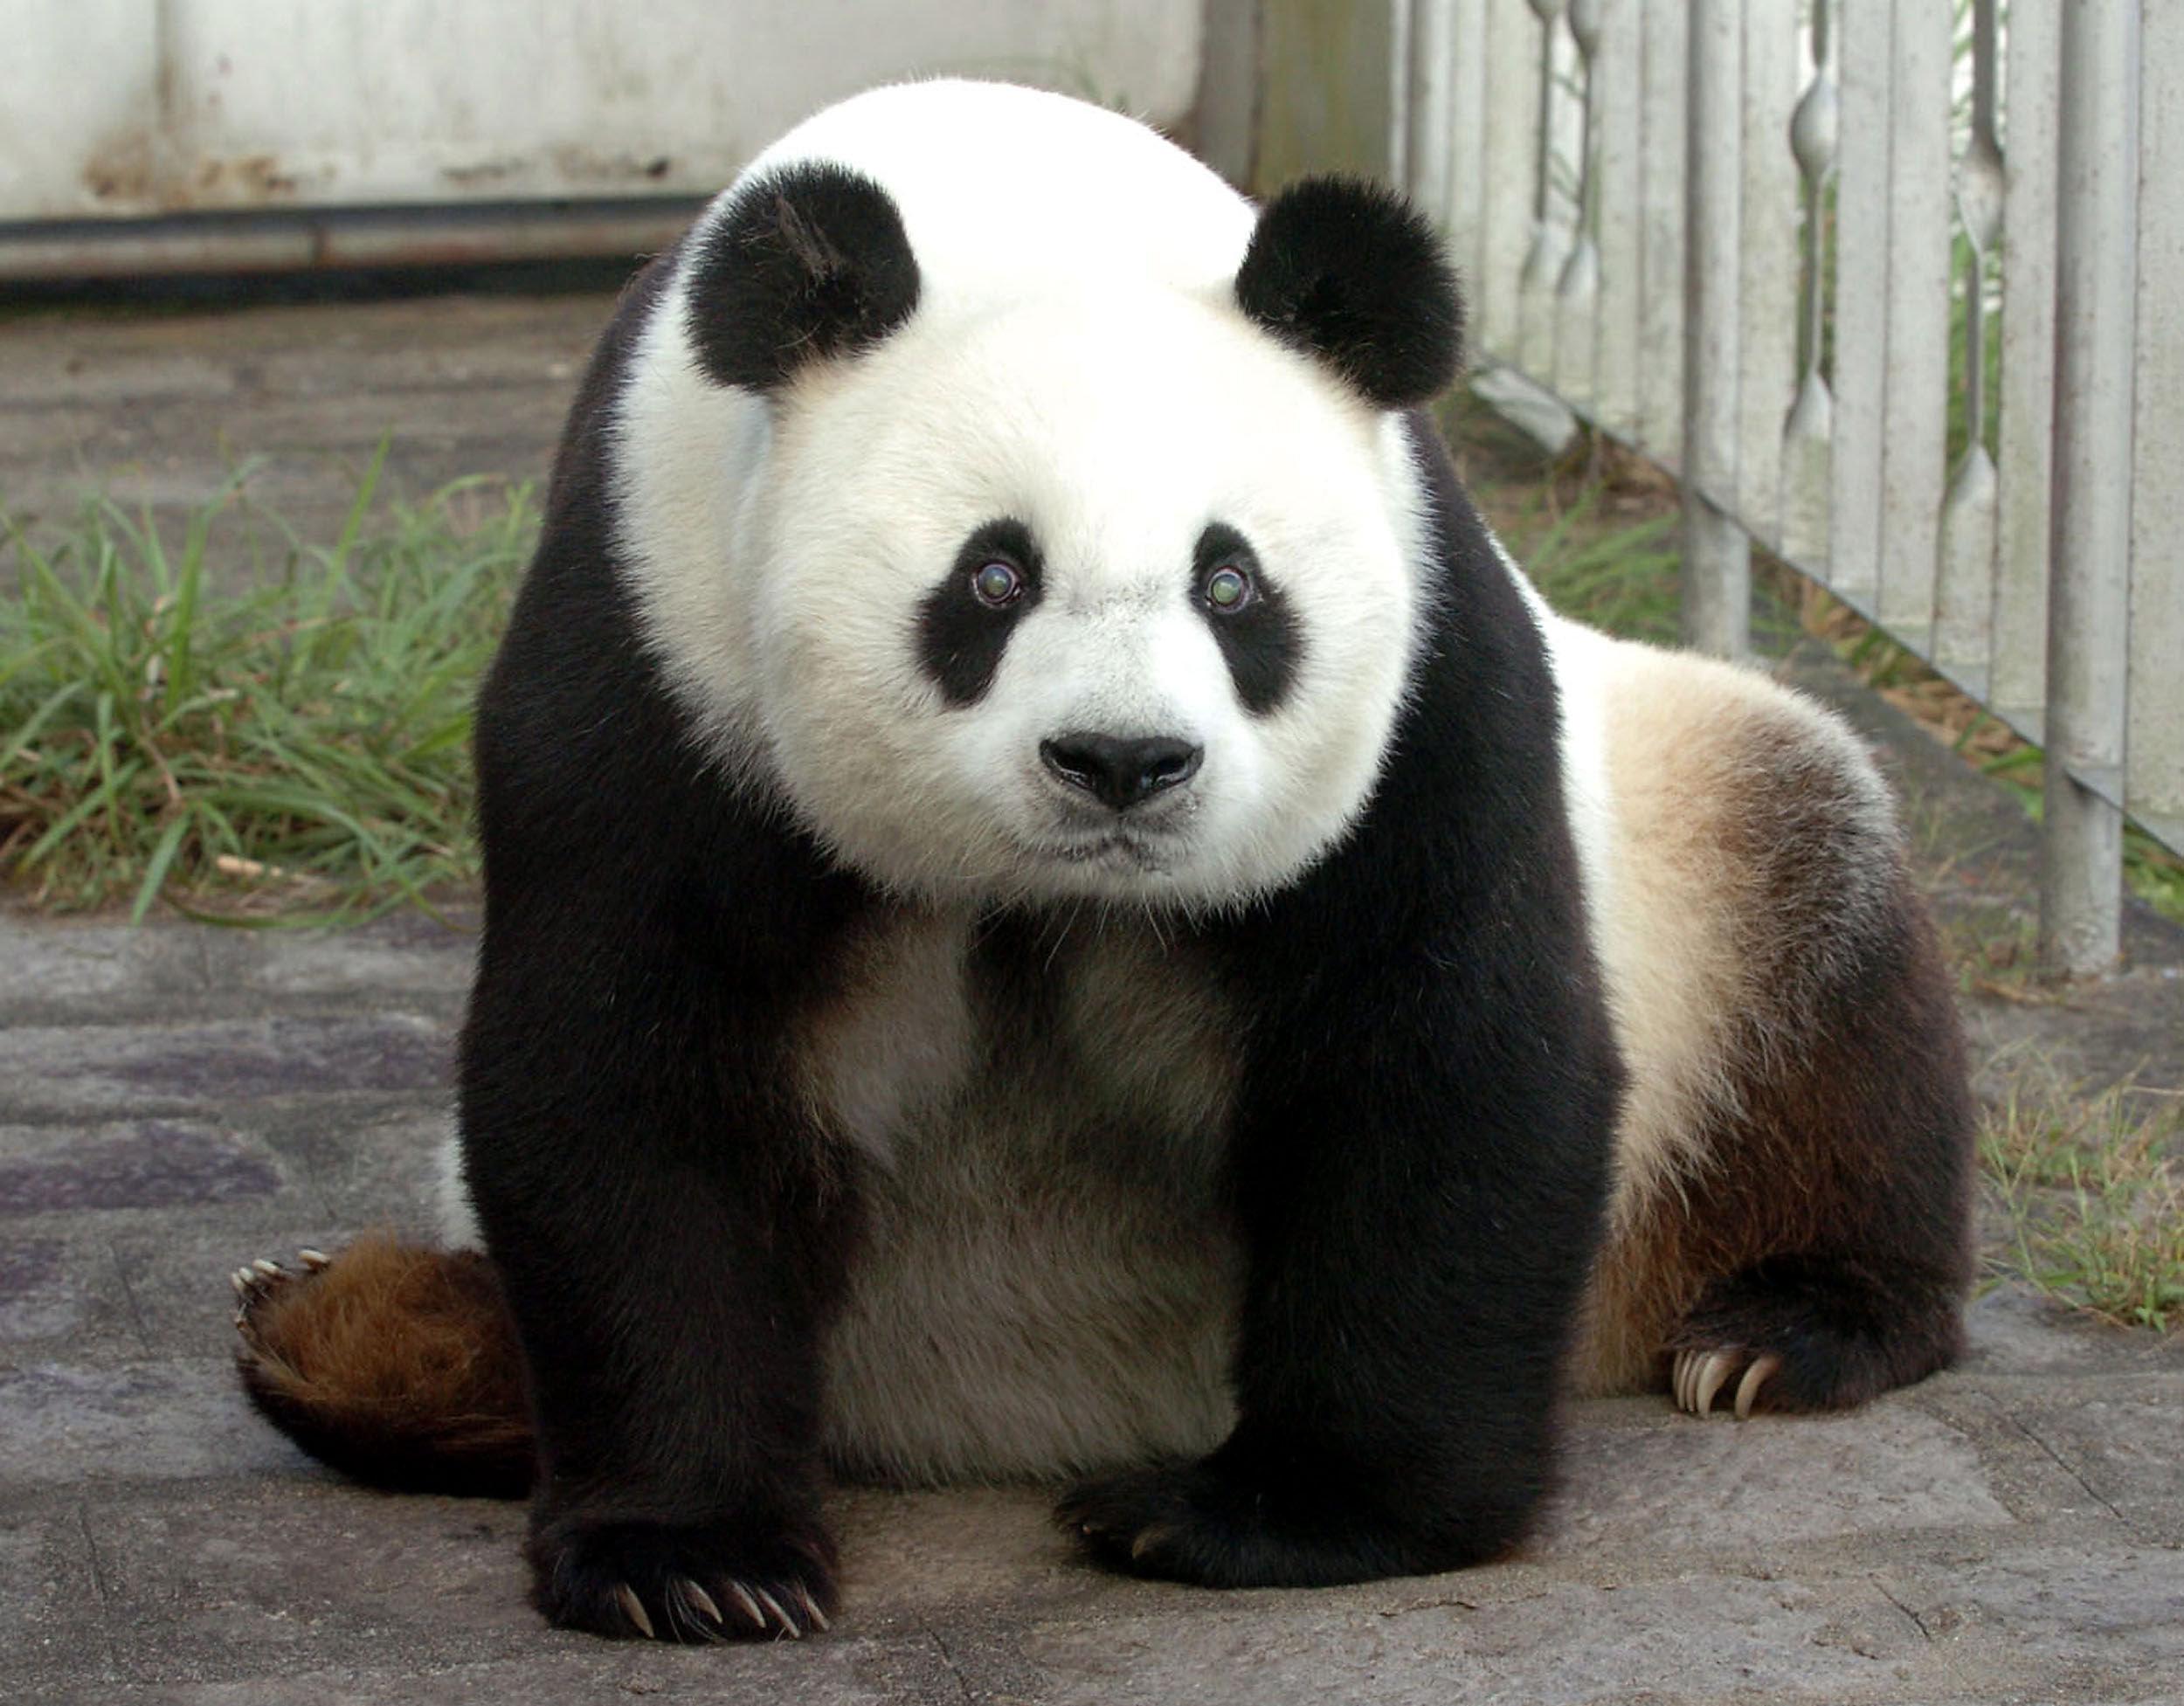 Zdjęcie Pan-Pana w wieku 25 lat. Wrzesień 2005. Zoo Fuzhou. Chiny, prowincja Fujian. 12 listopada 2010